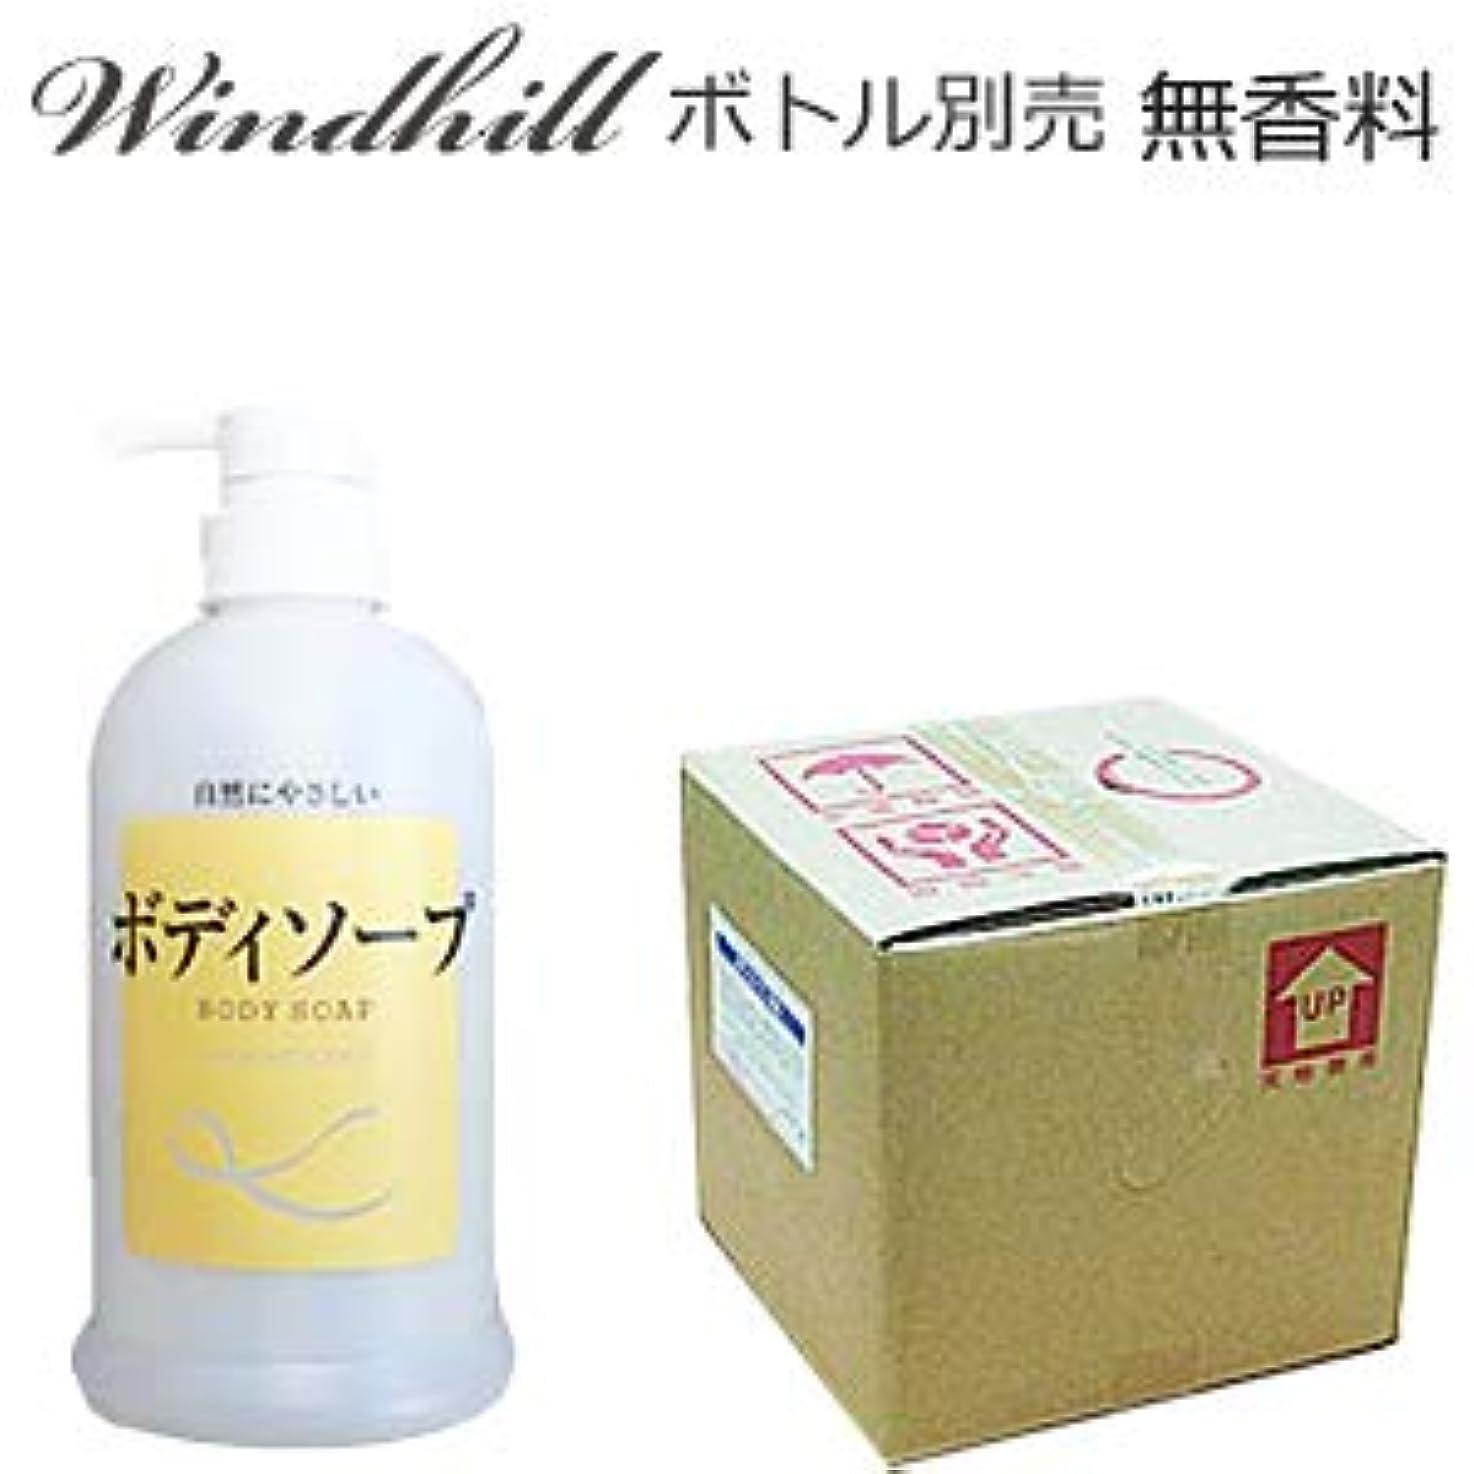 こねる豚瞳Windhill 植物性 業務用ボディソープ 無香料 20L(1セット20L入)